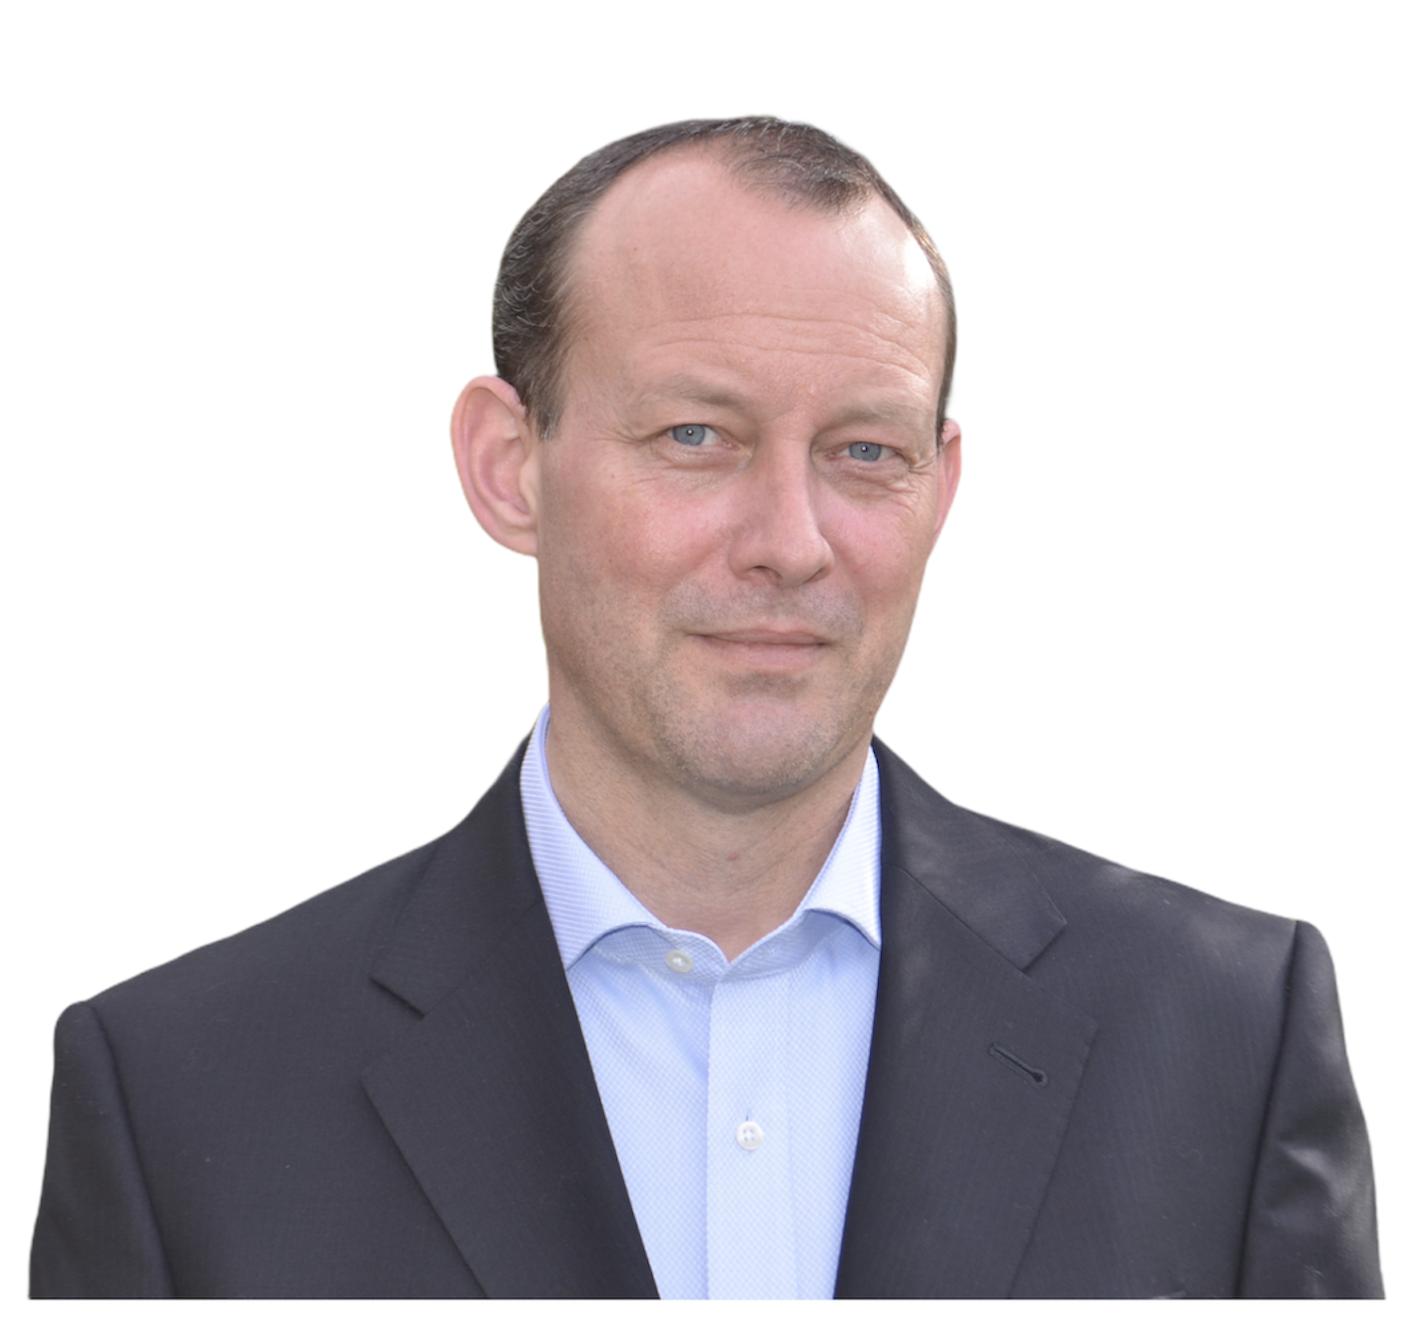 Datenschutzbeauftragter Jörg Kappestein